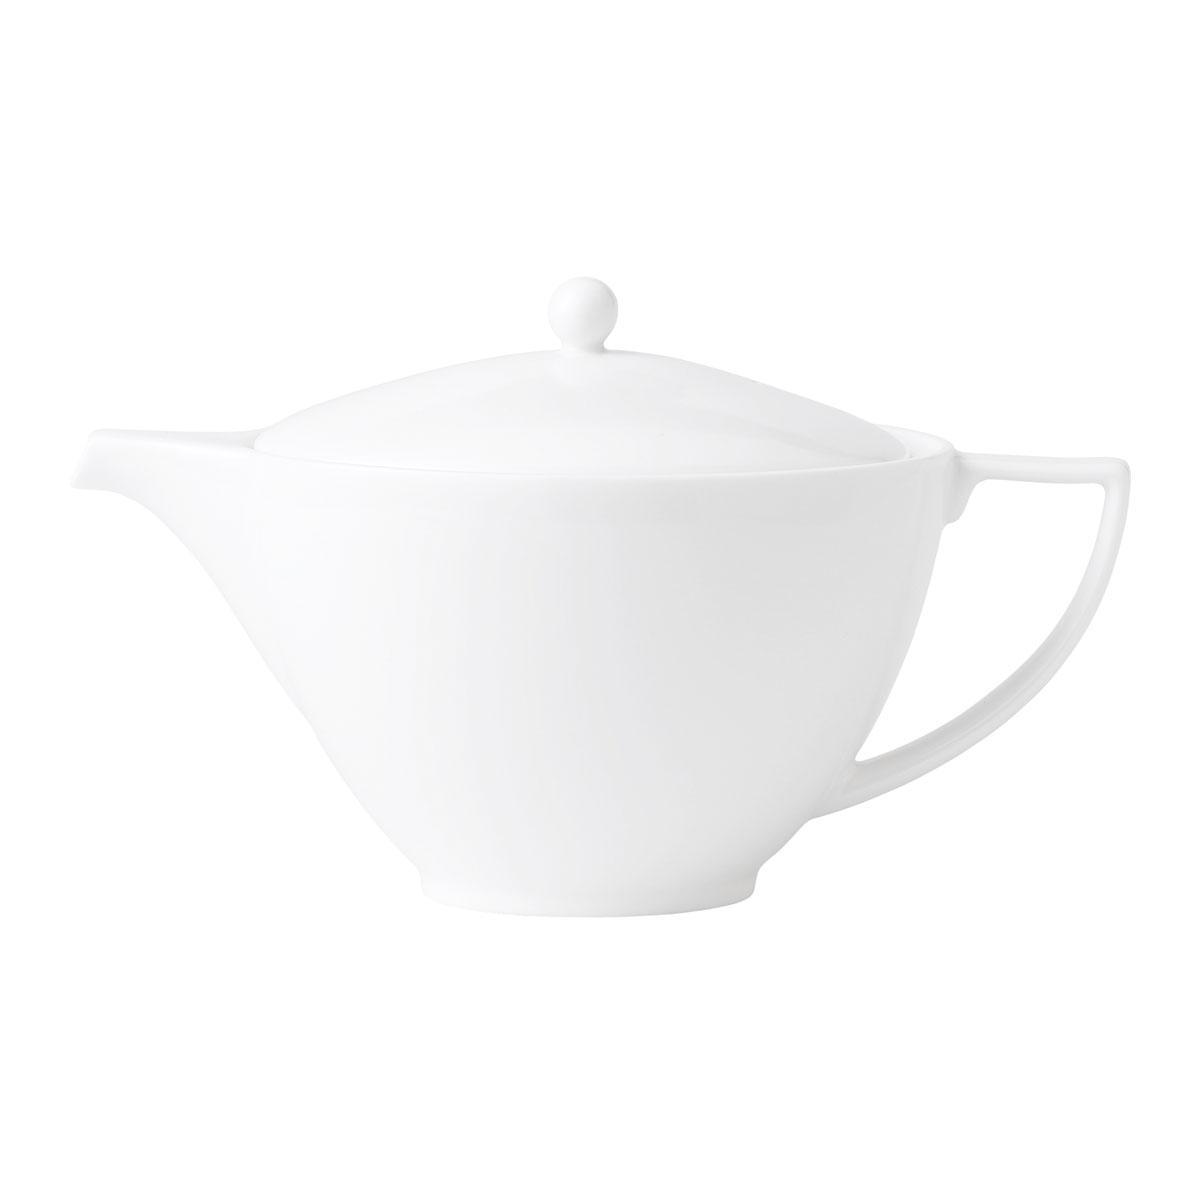 Wedgwood Jasper Conran White Strata Teapot